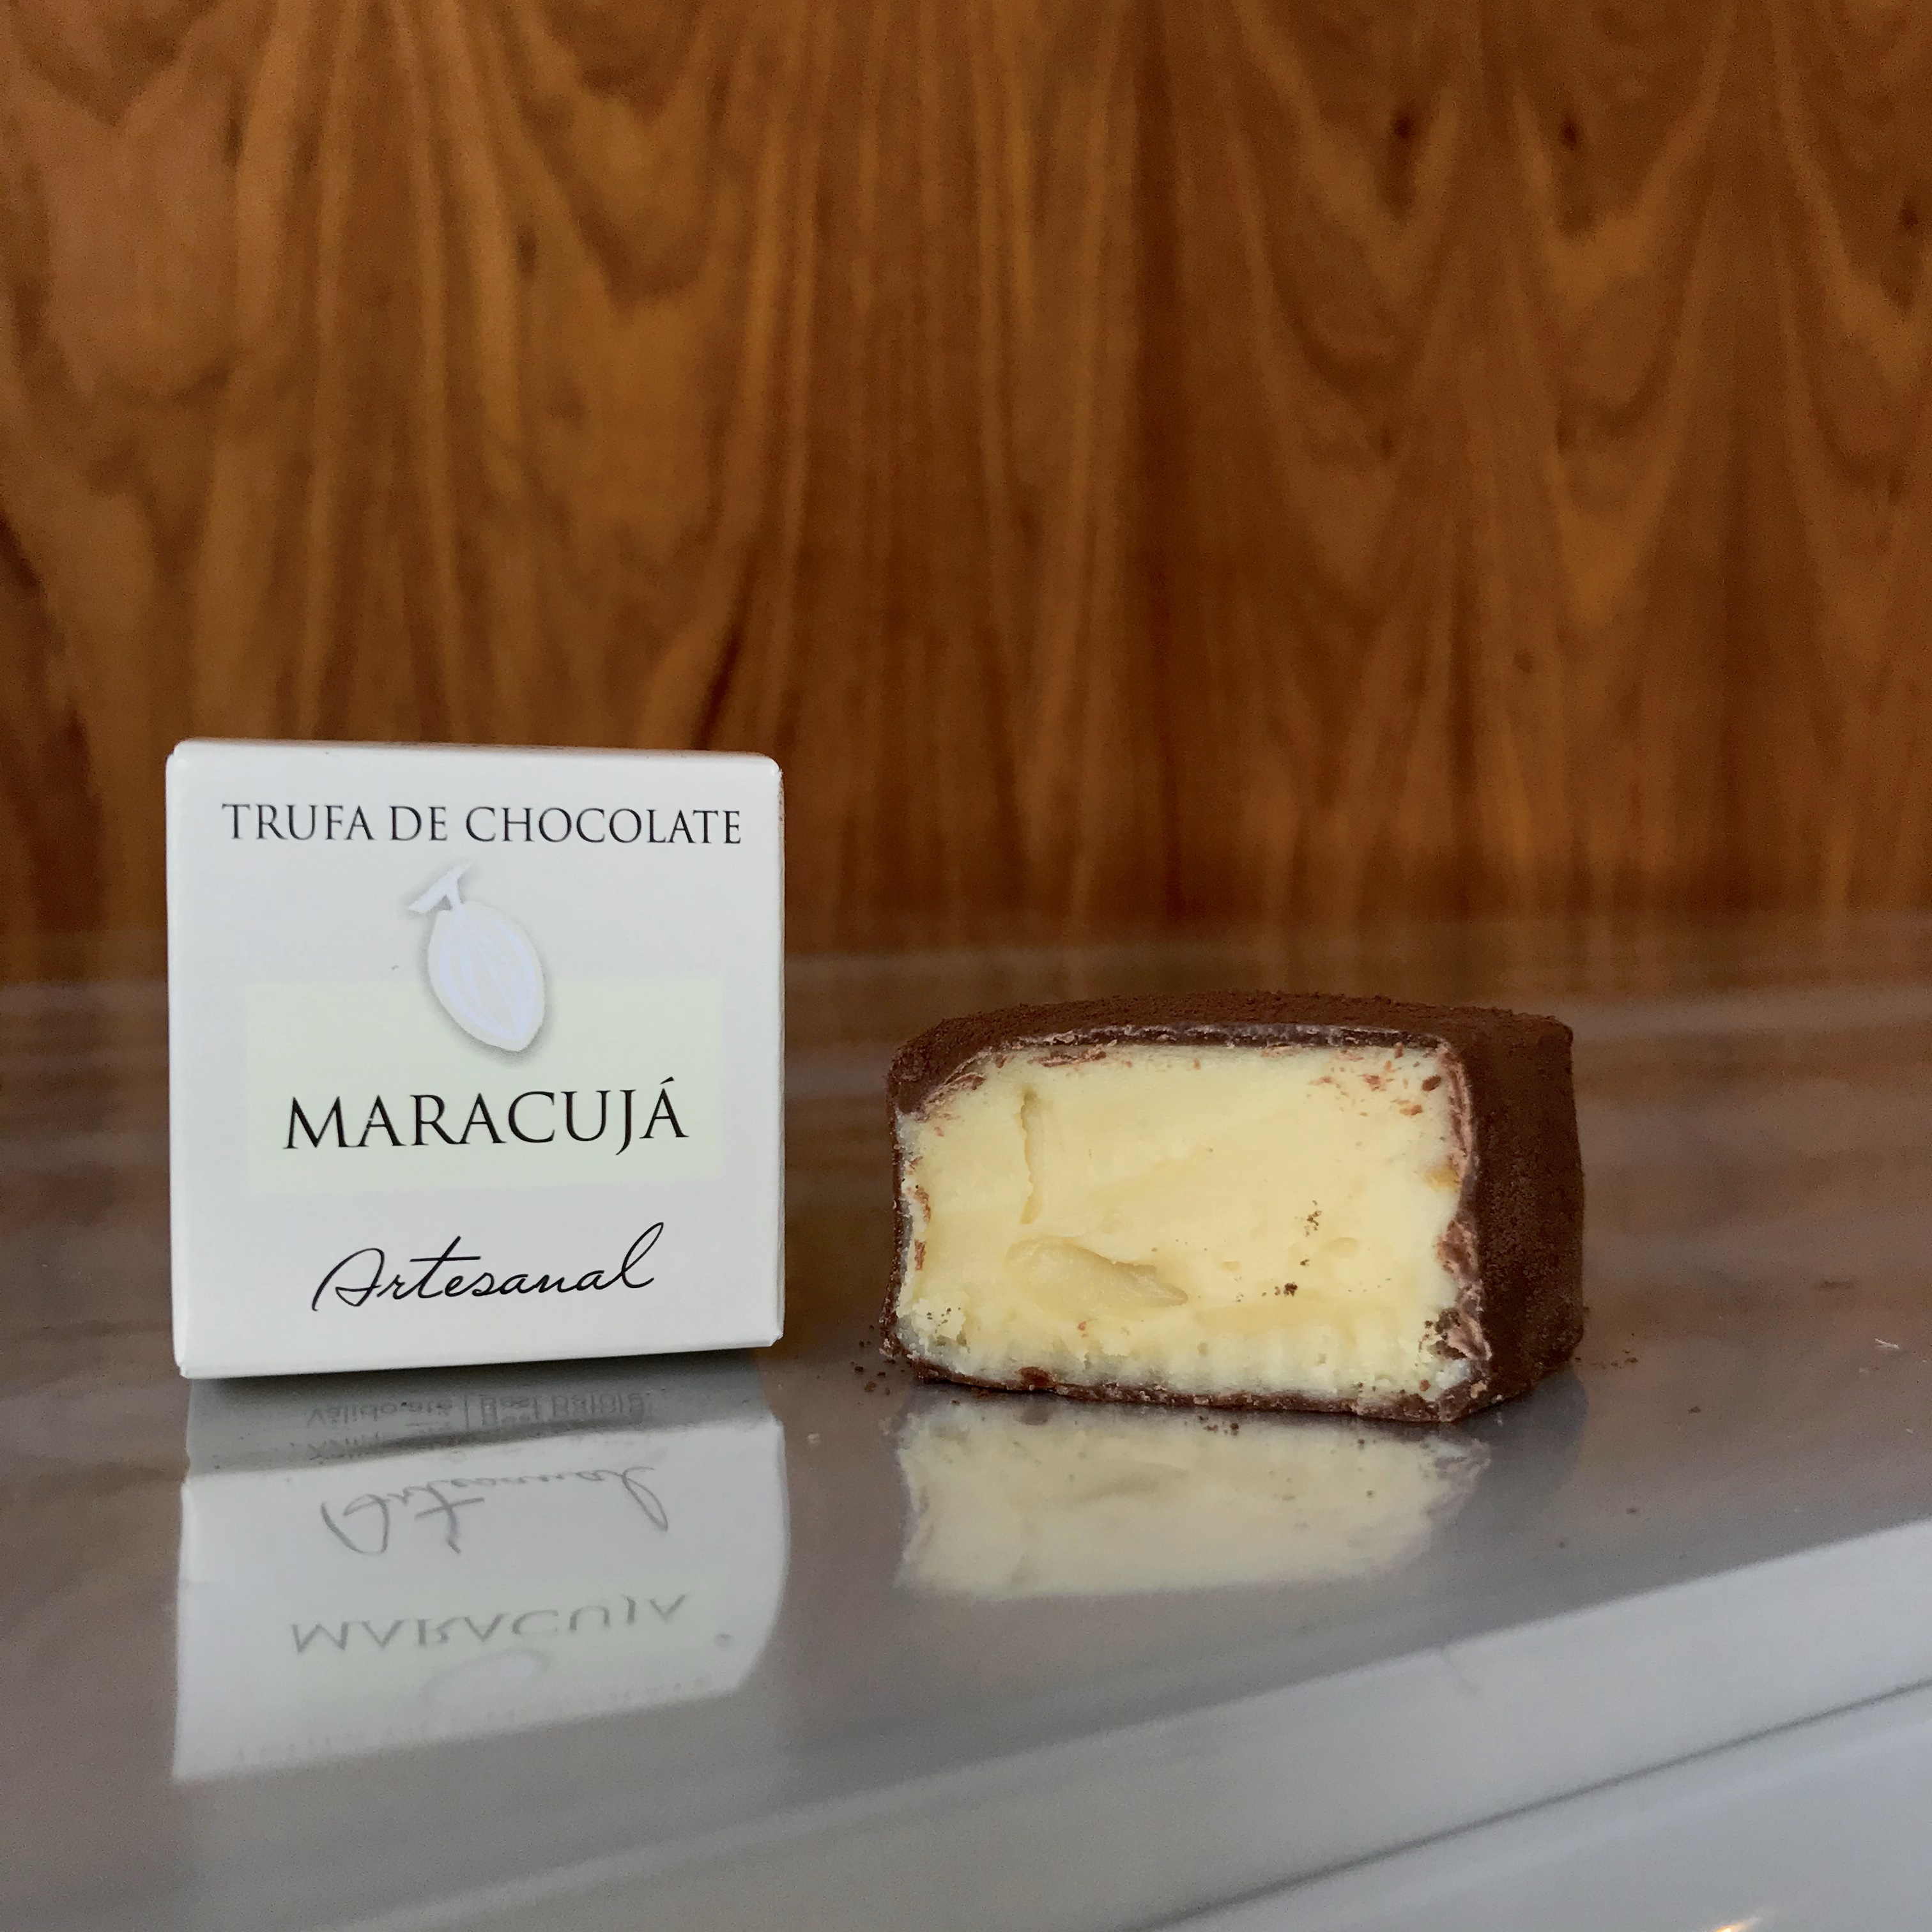 Trufa de Chocolate com recheio de Maracujá- Artesanal- Beneditos- 32 g